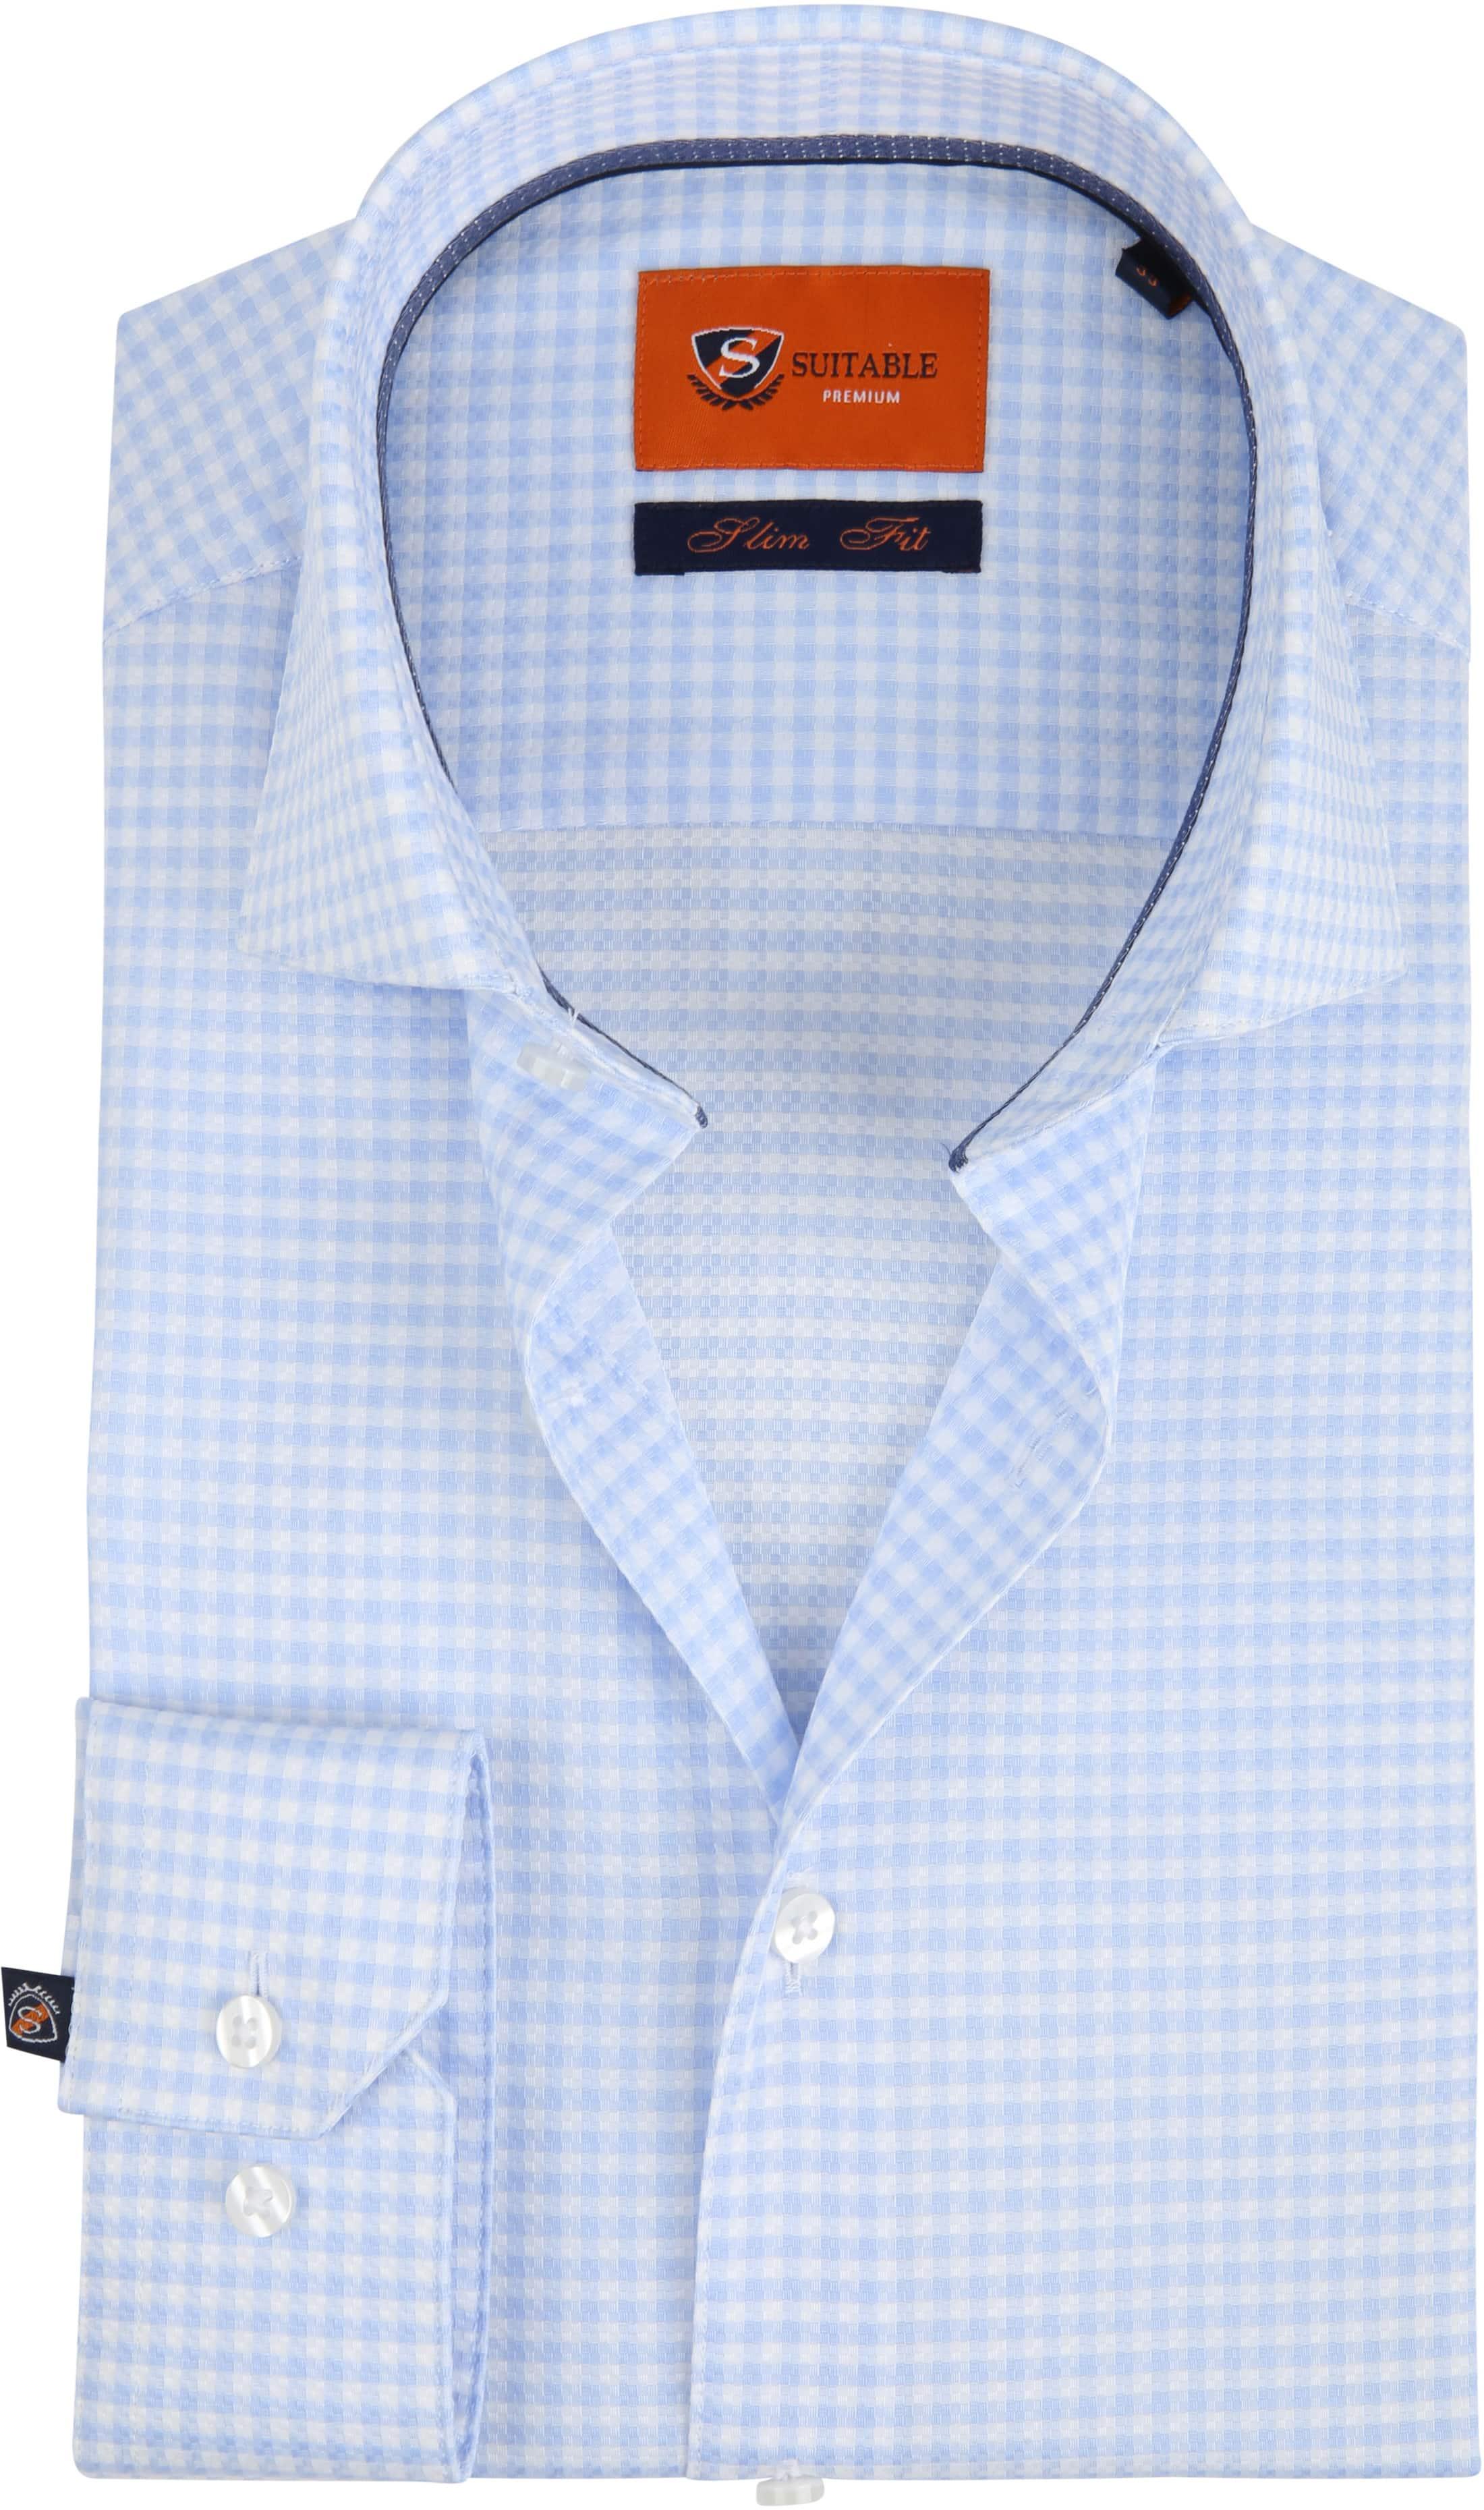 Suitable Ruiten Blauw Overhemd foto 0